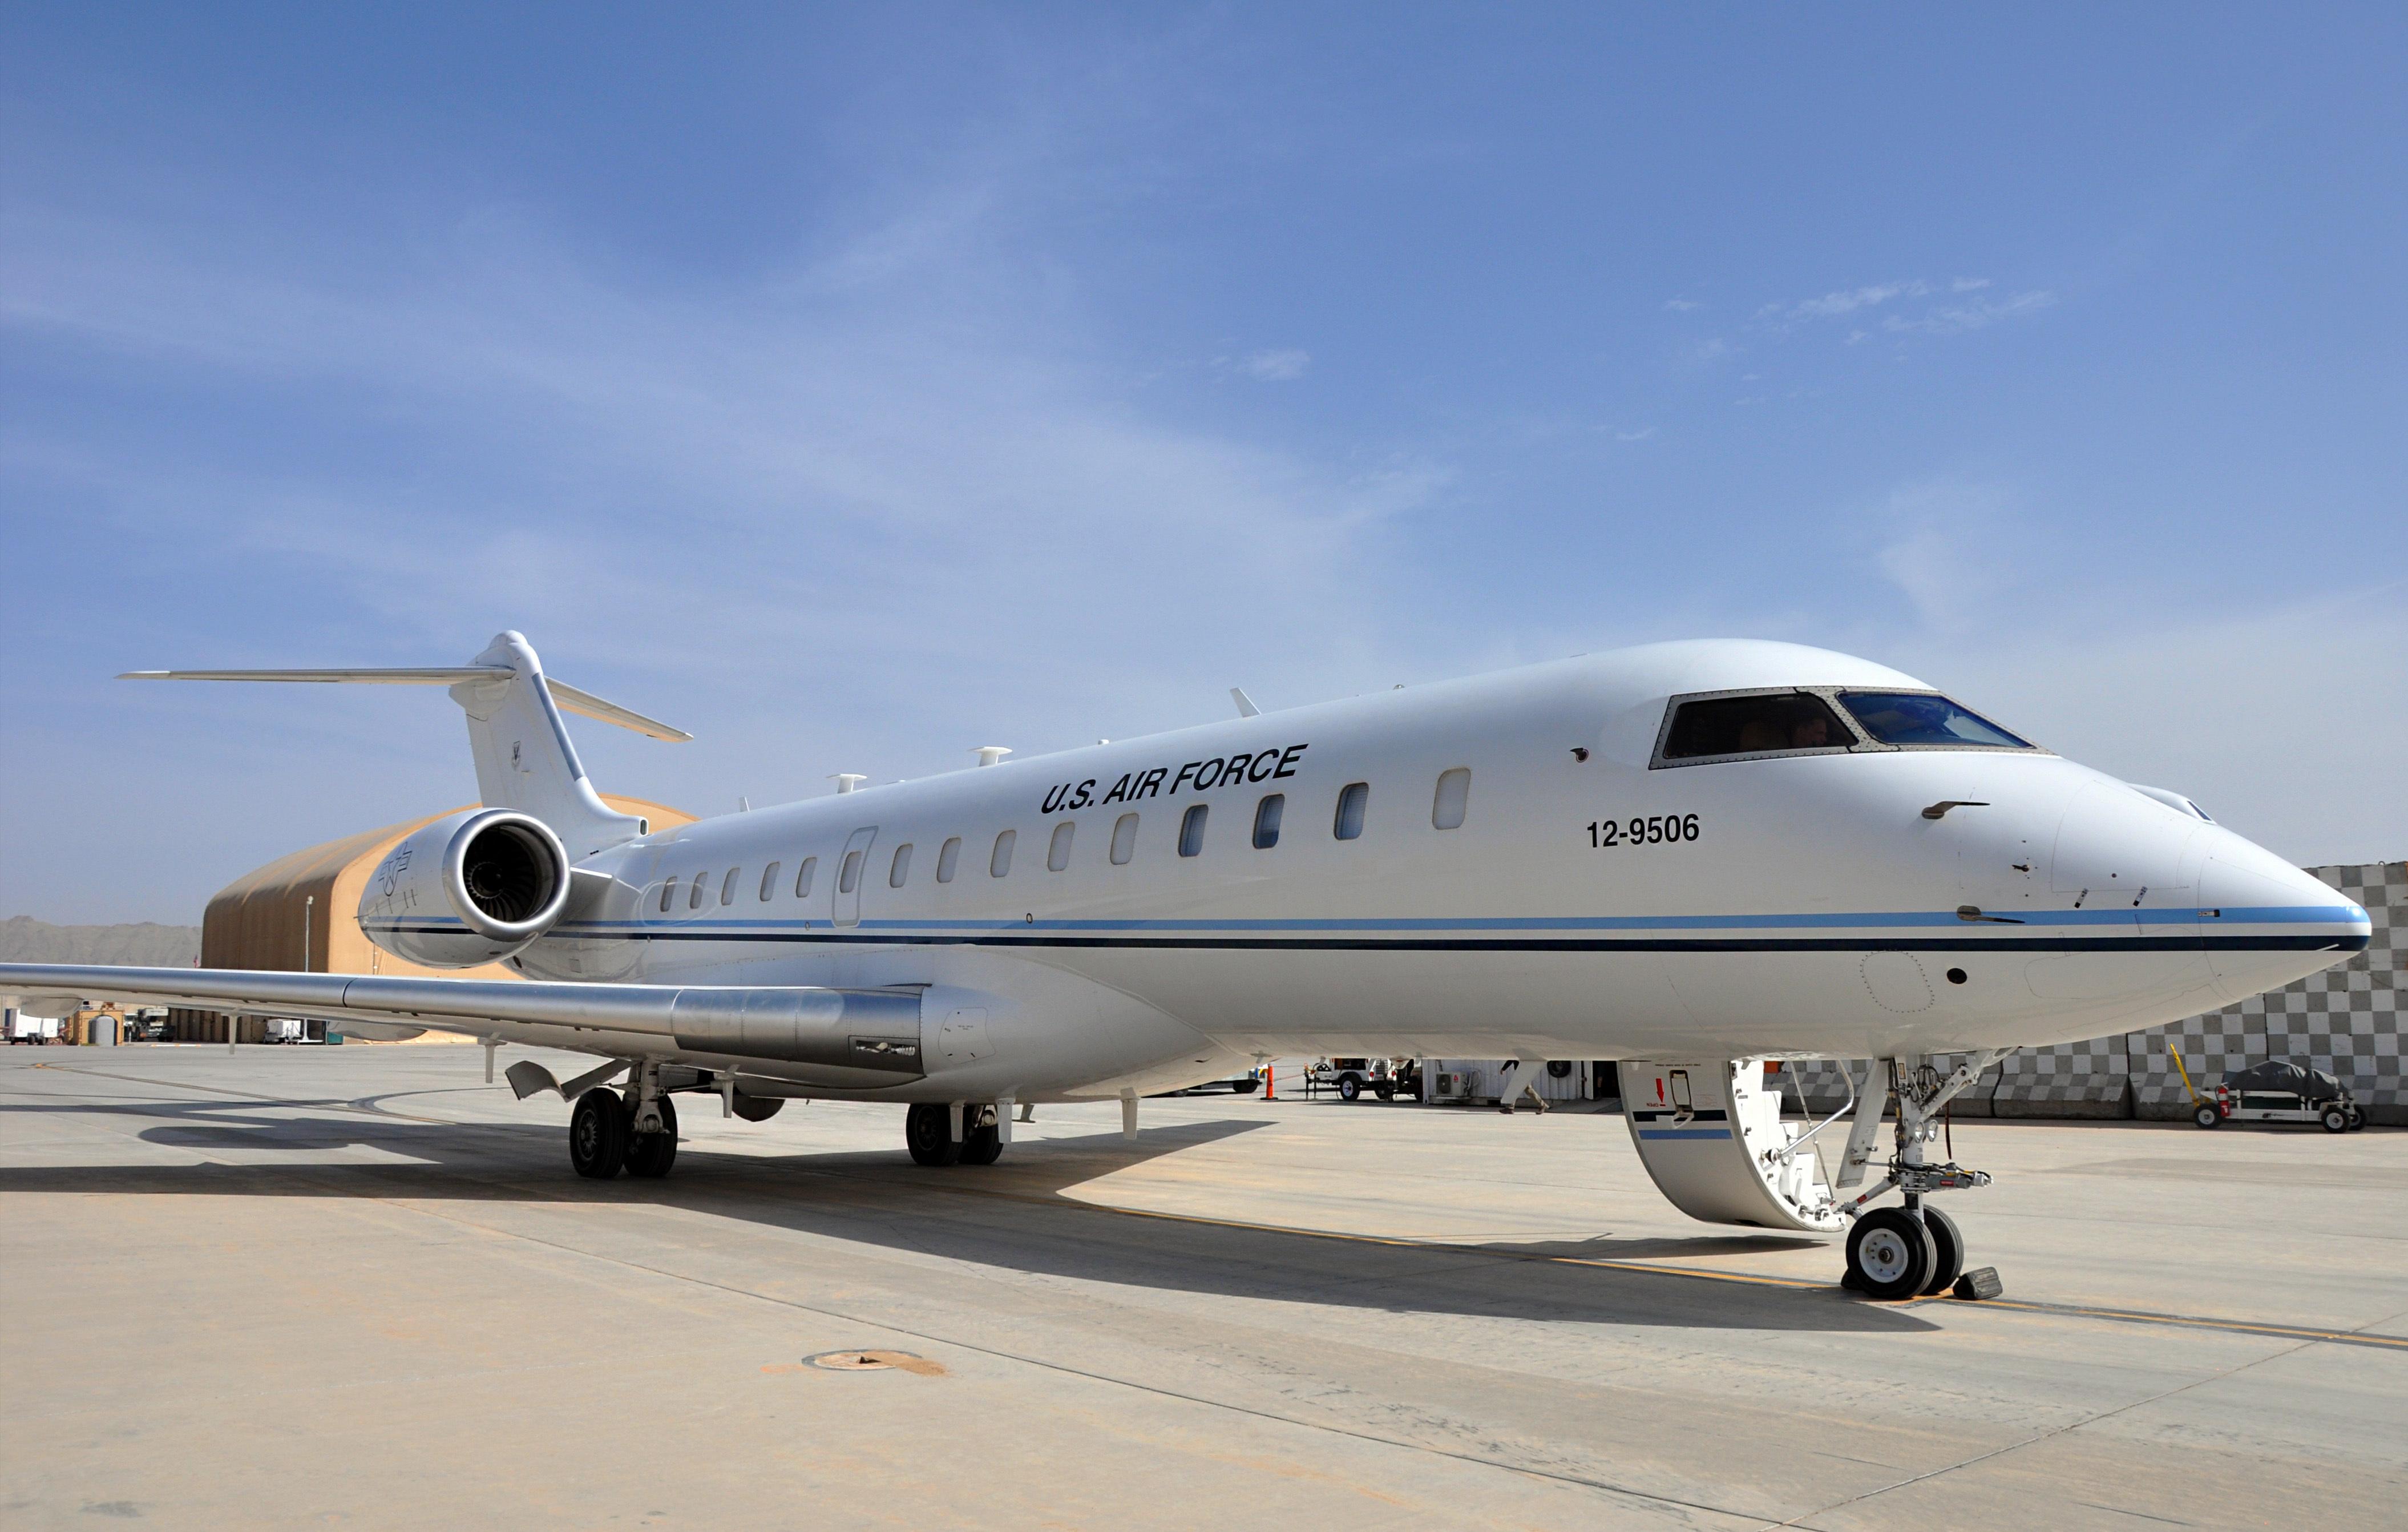 2020 United States Air Force E 11a Crash Wikipedia